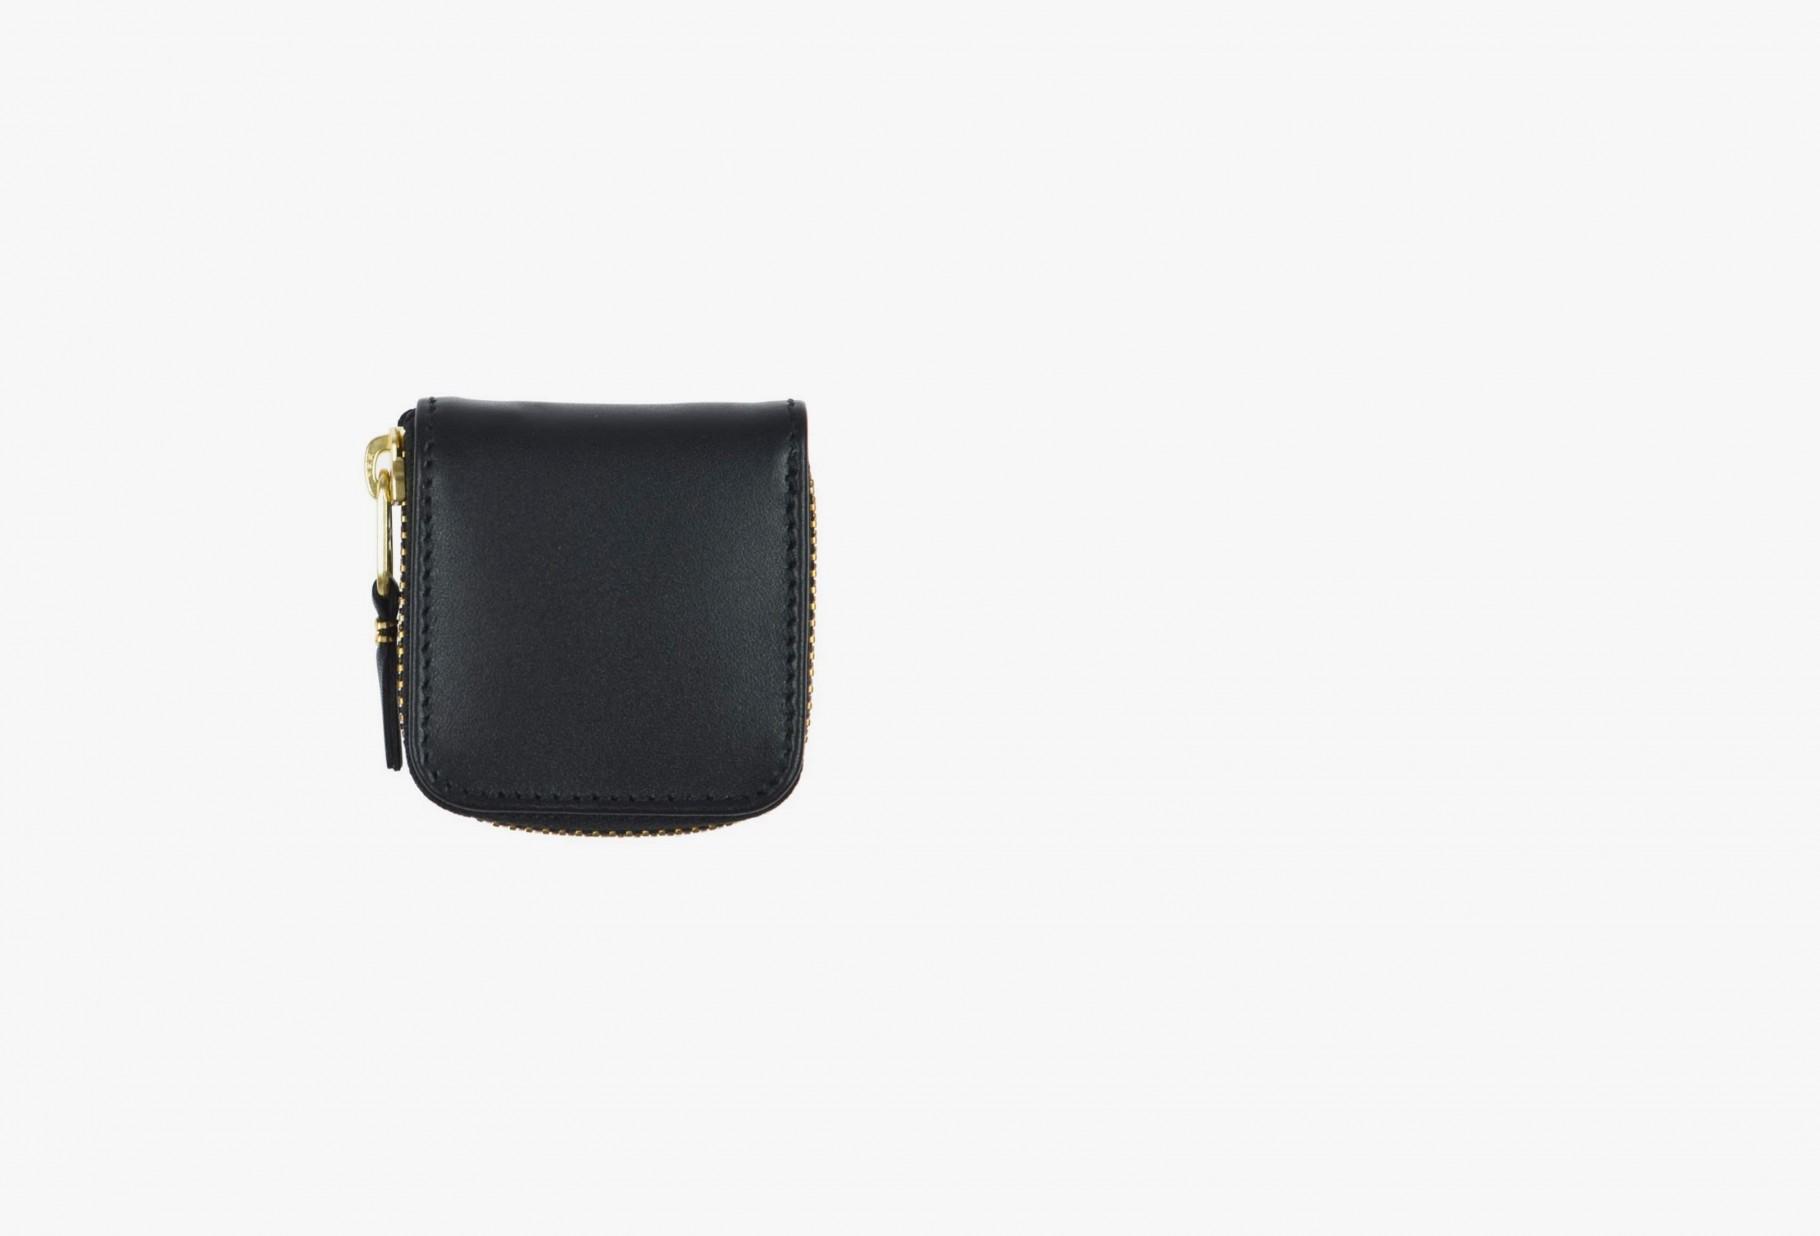 COMME DES GARÇONS WALLETS / Cdg leather wallet classic Sa4100 black